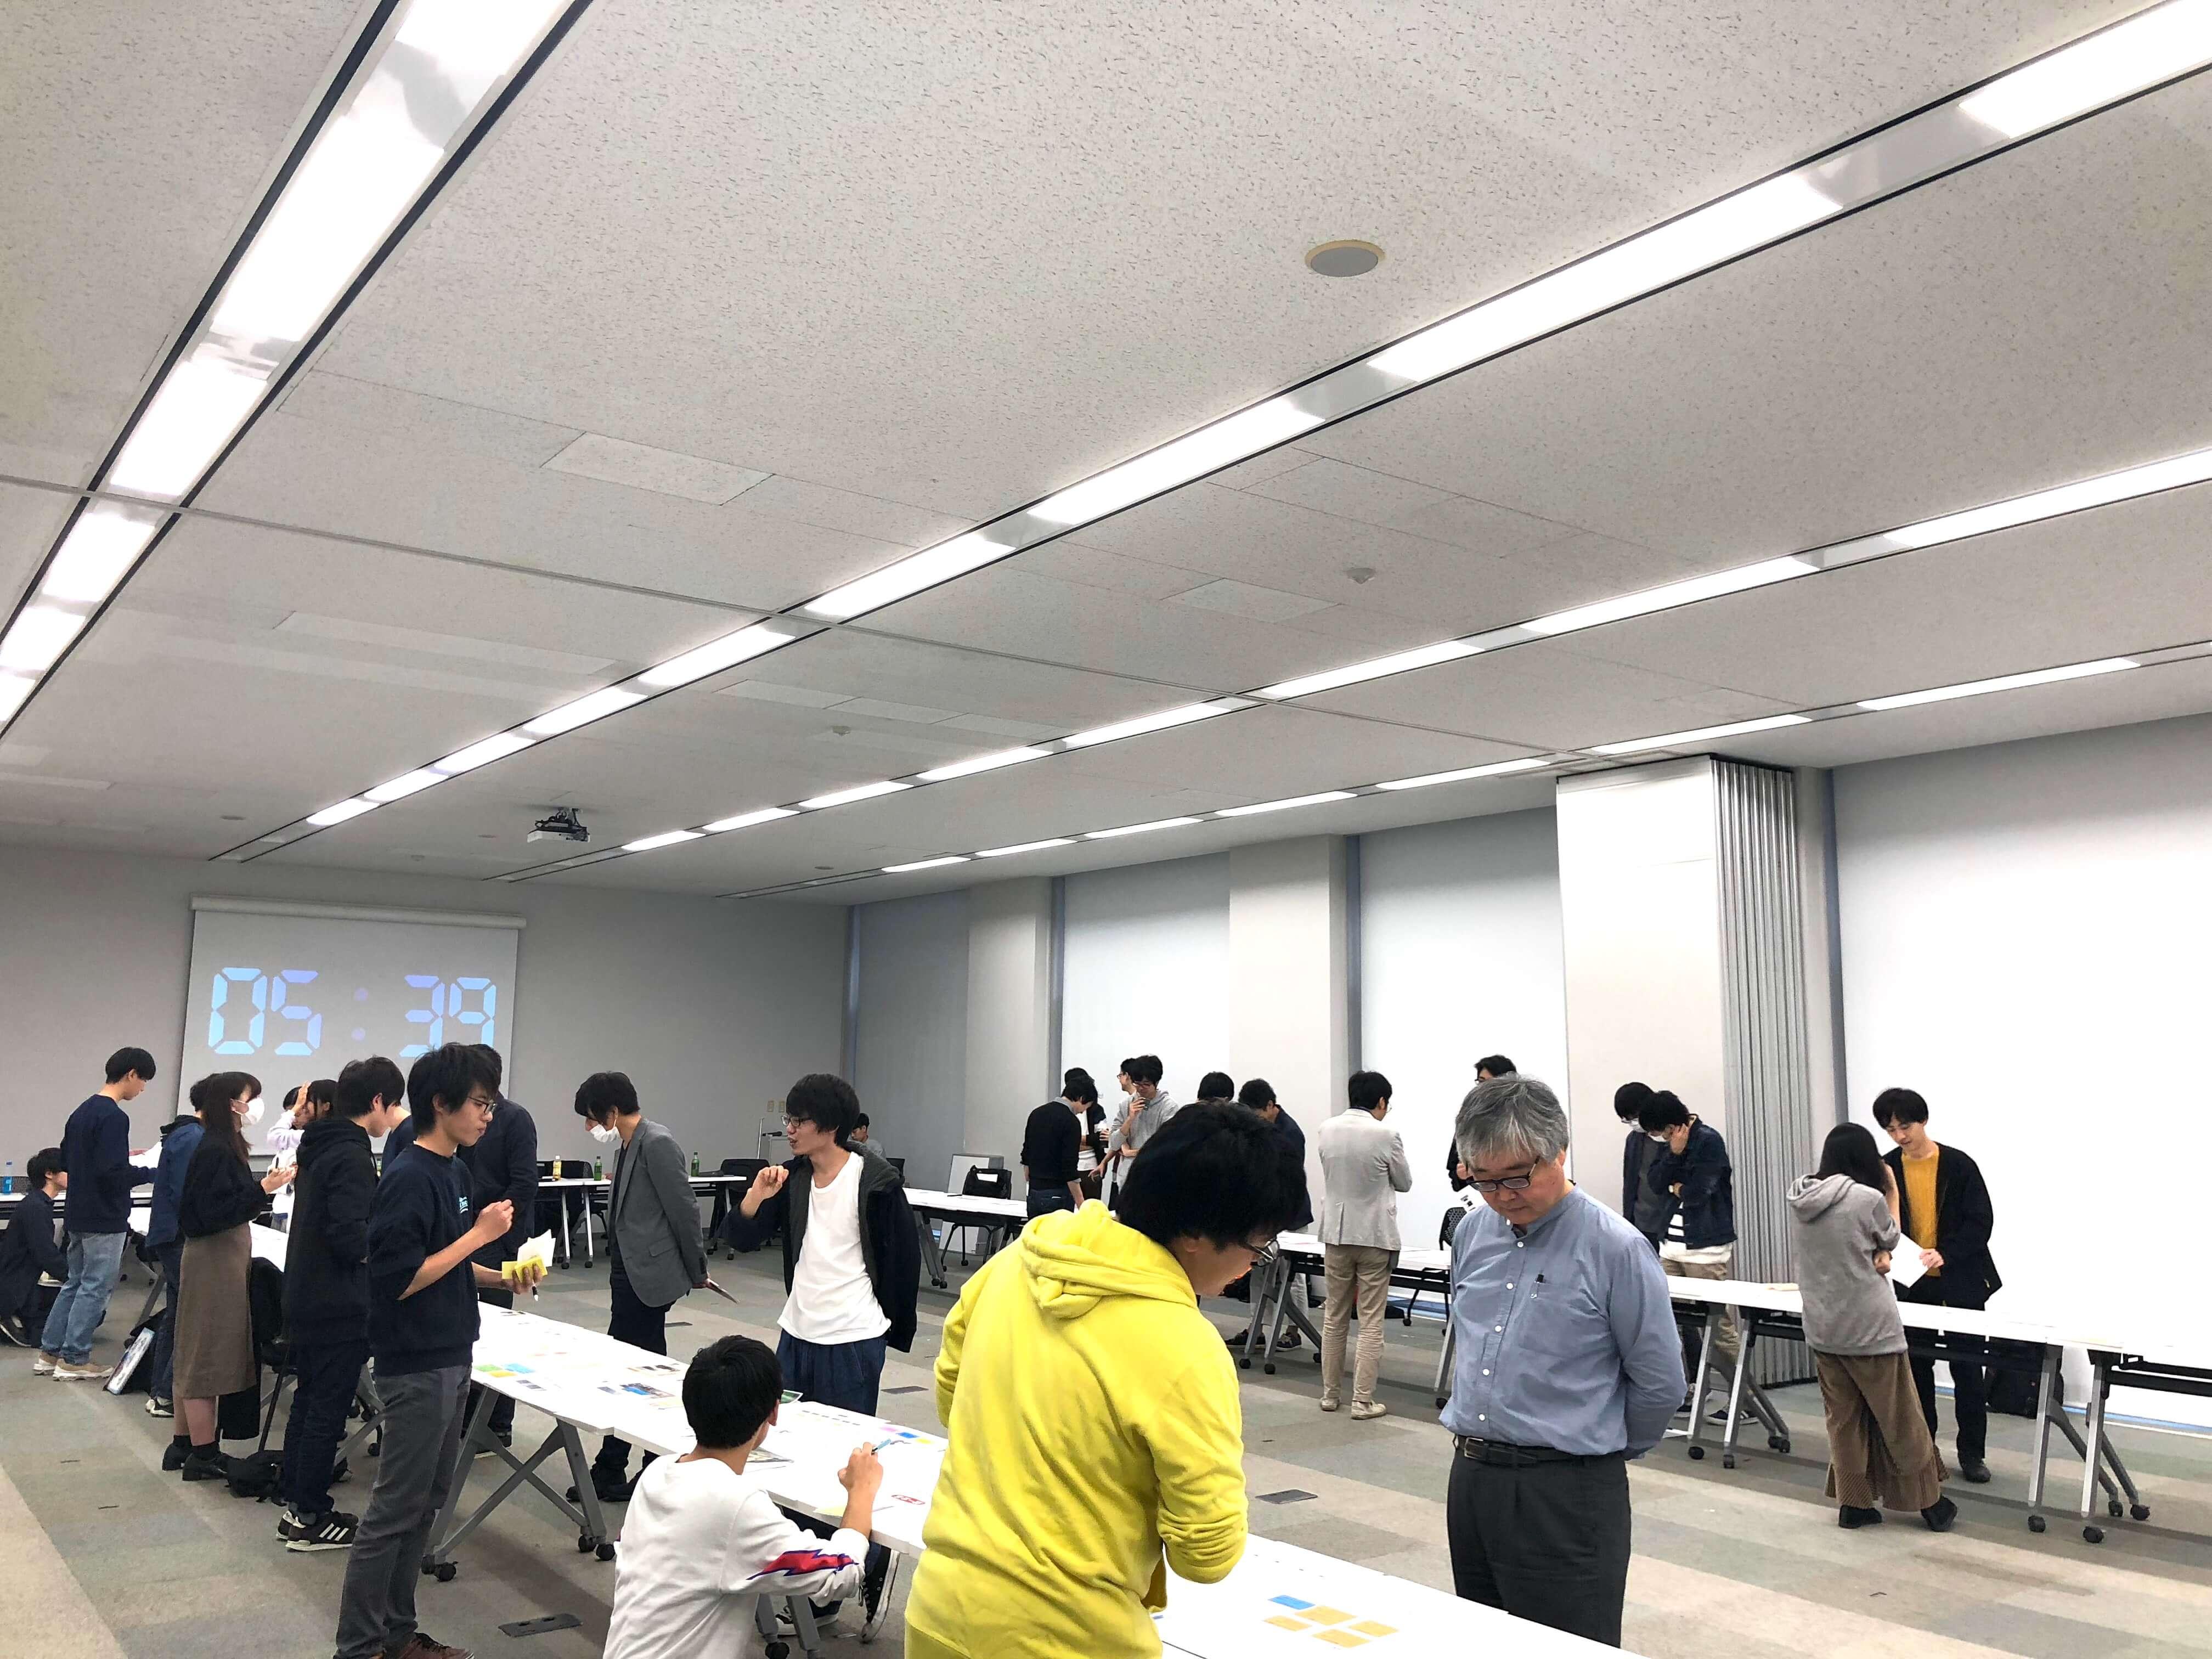 千葉工業大学の「情報デザイン応用演習」授業に協力してきました